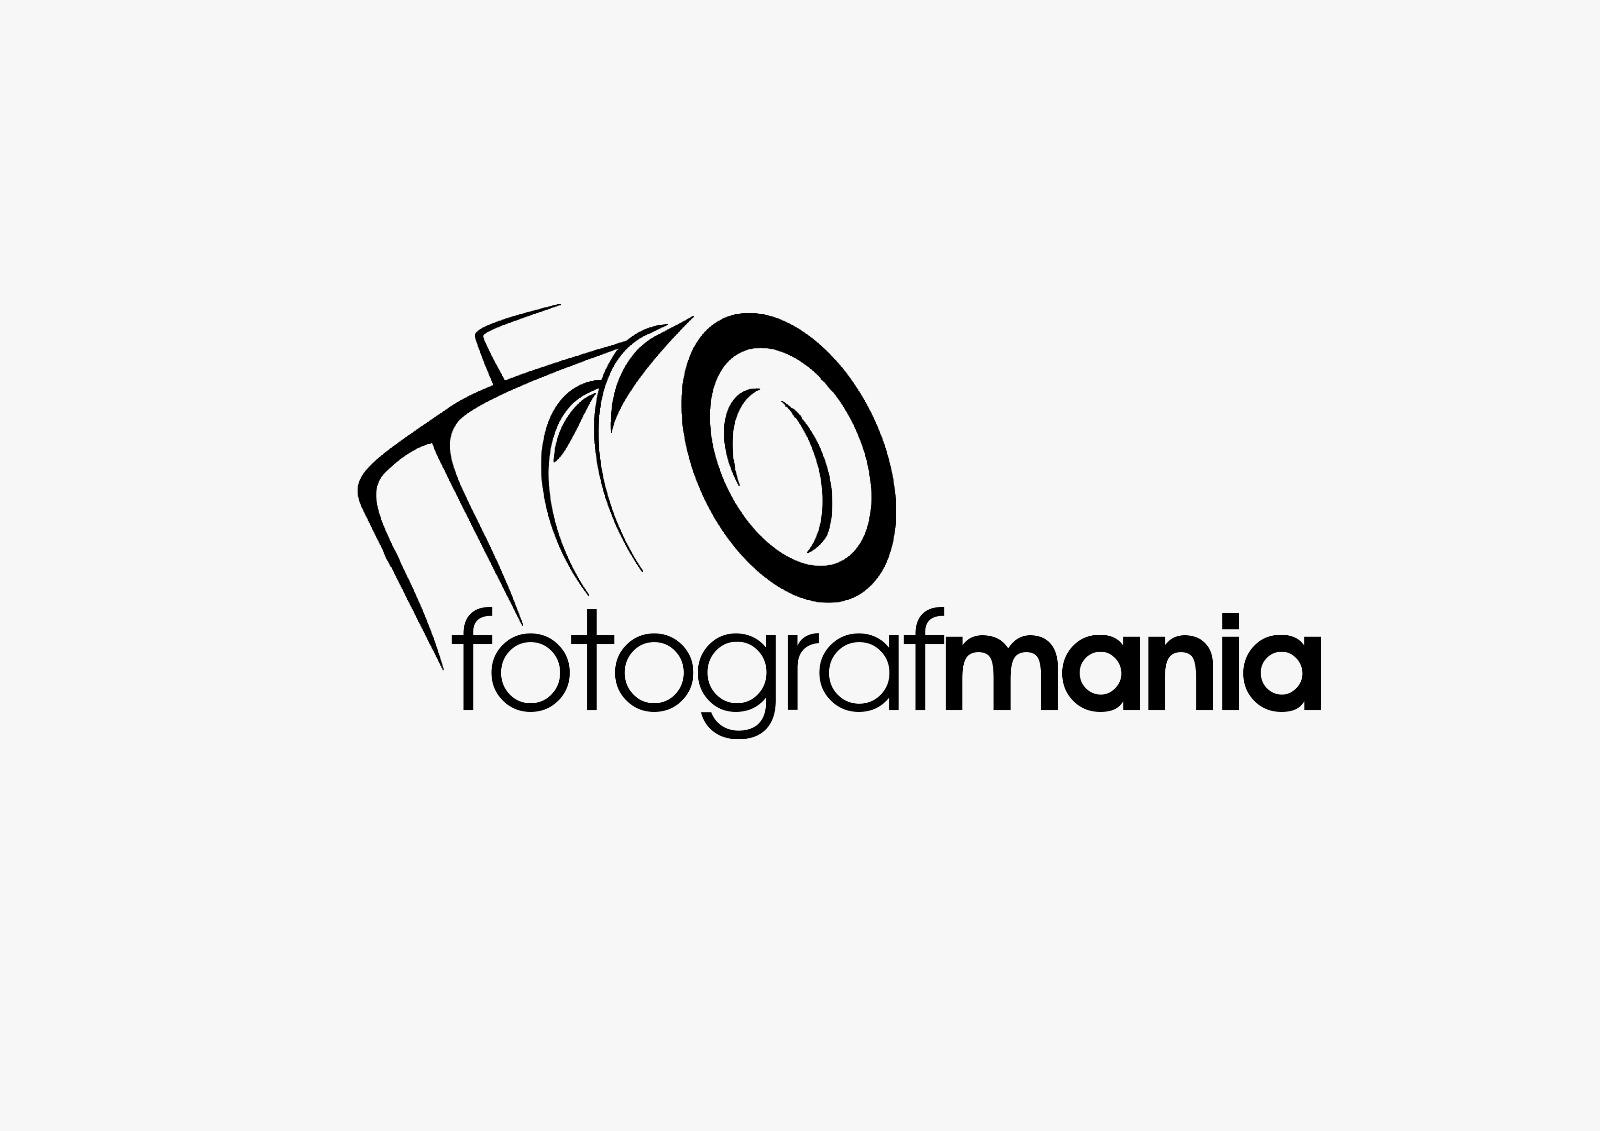 fotografmania.com